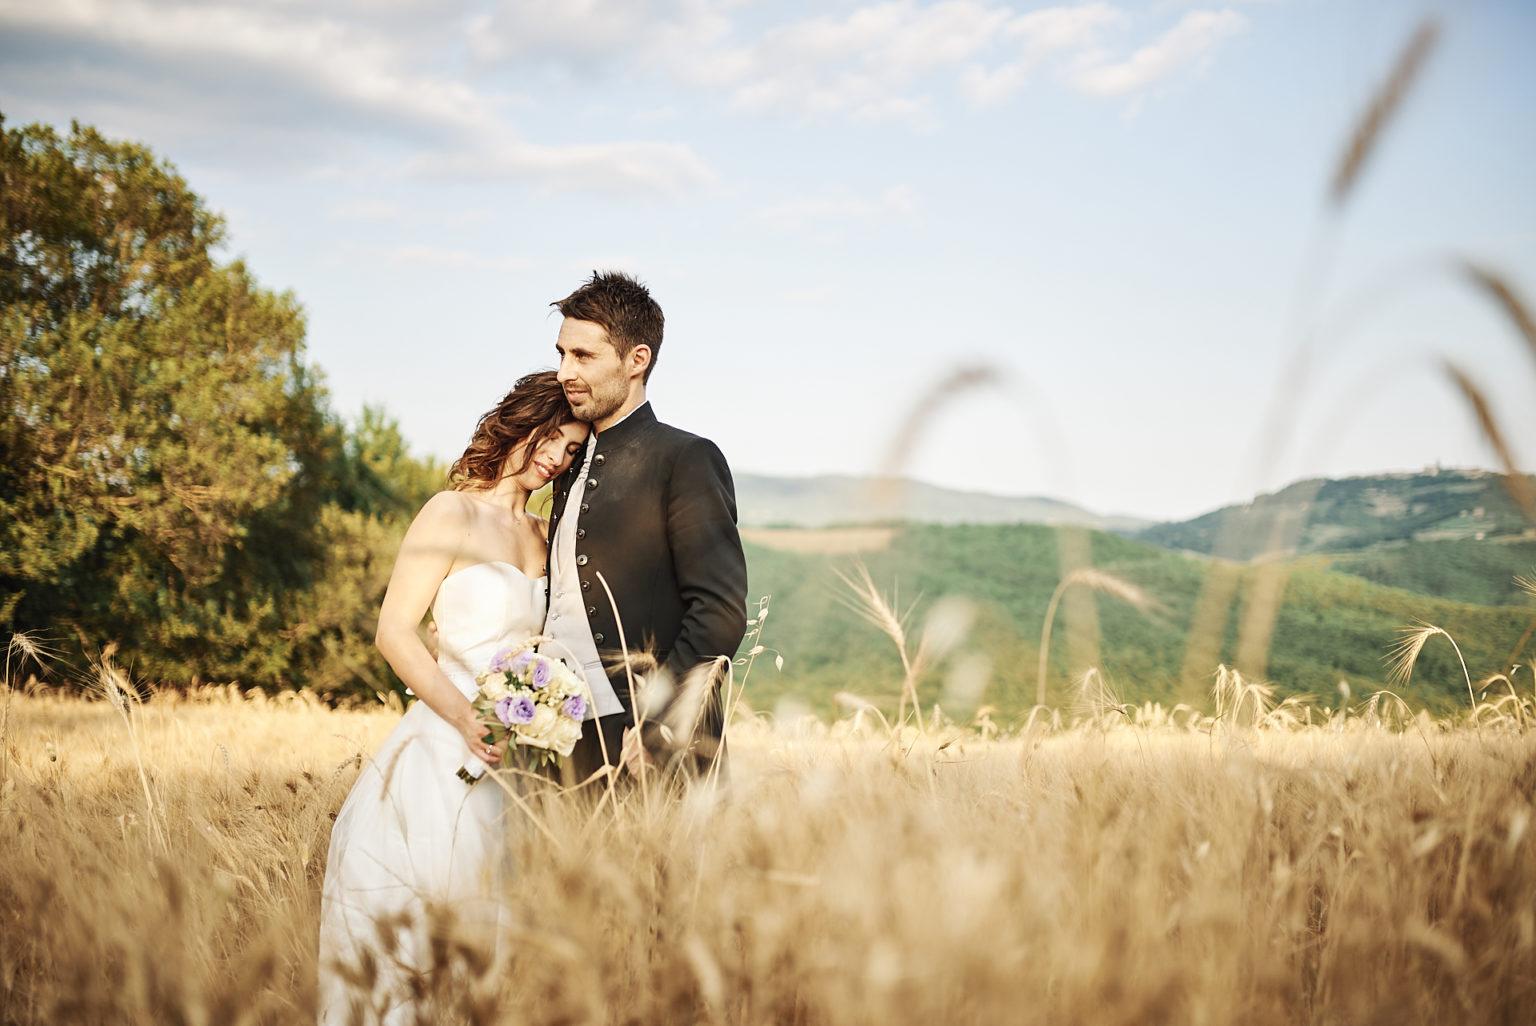 CC Primo Piano Colle Caterina & Daniele Casole 0622_HD 1